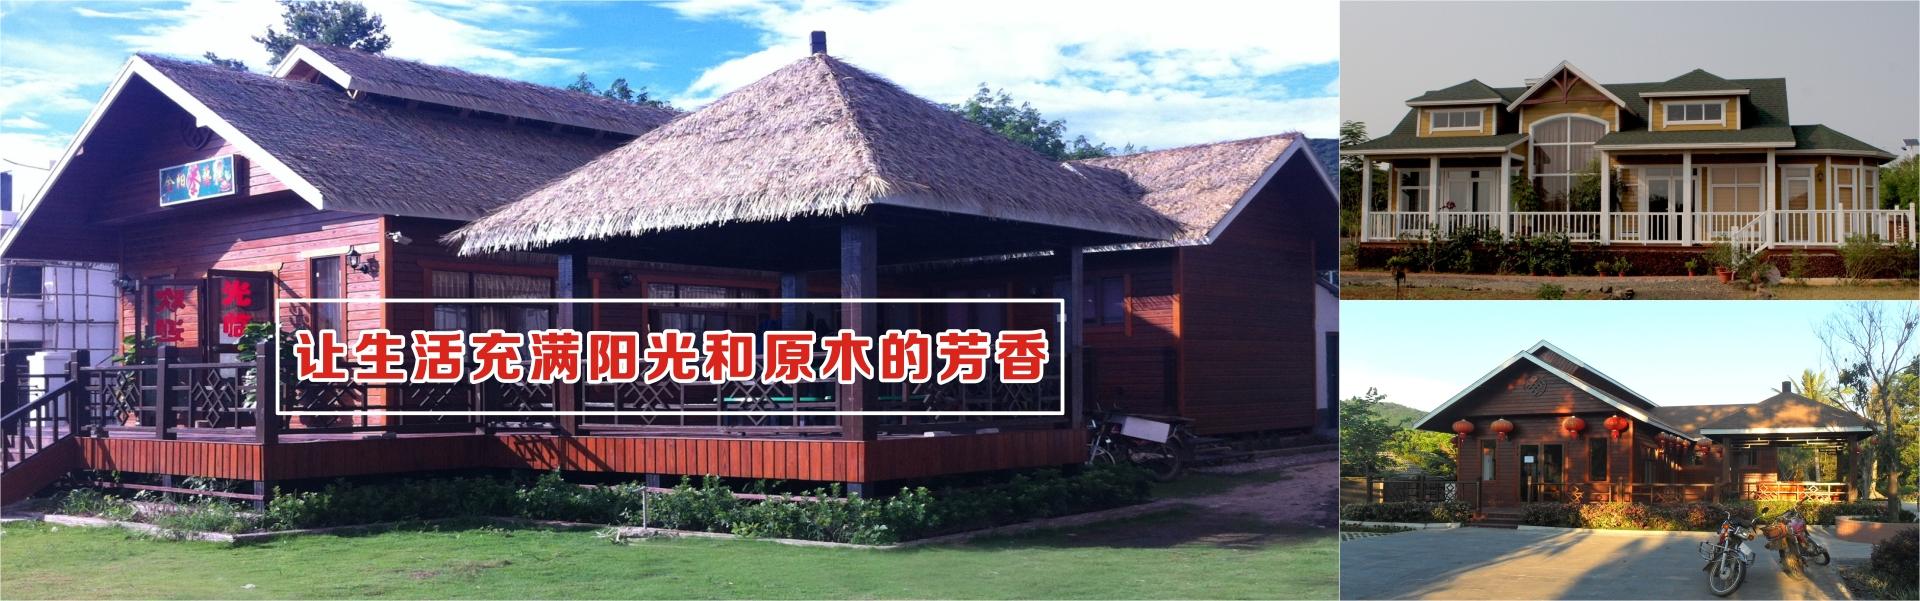 海南木屋,海南防腐木,海南木结构,海南木凉亭,海南炭化木